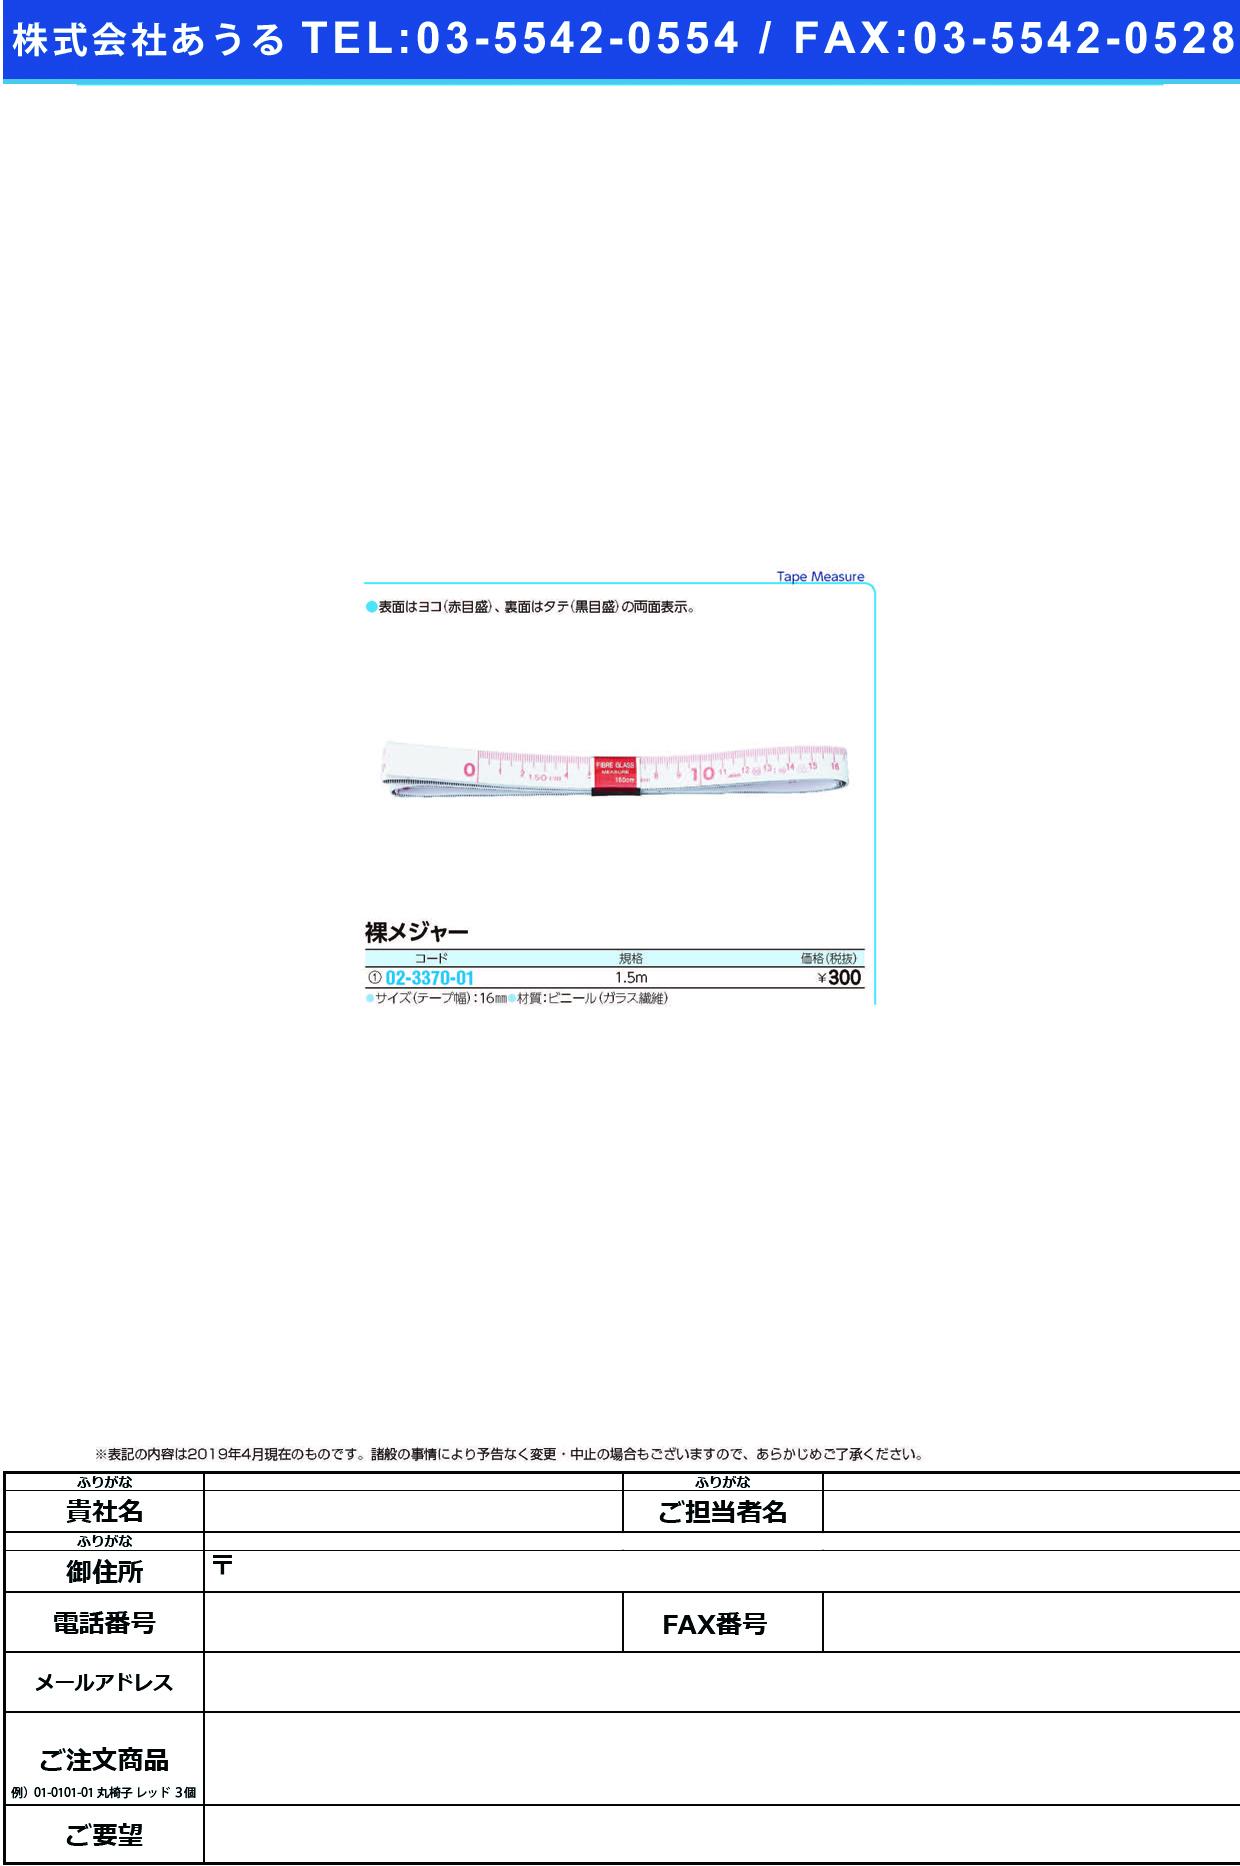 (02-3370-01)裸メジャー 1.5M ハダカメジャー【1本単位】【2019年カタログ商品】